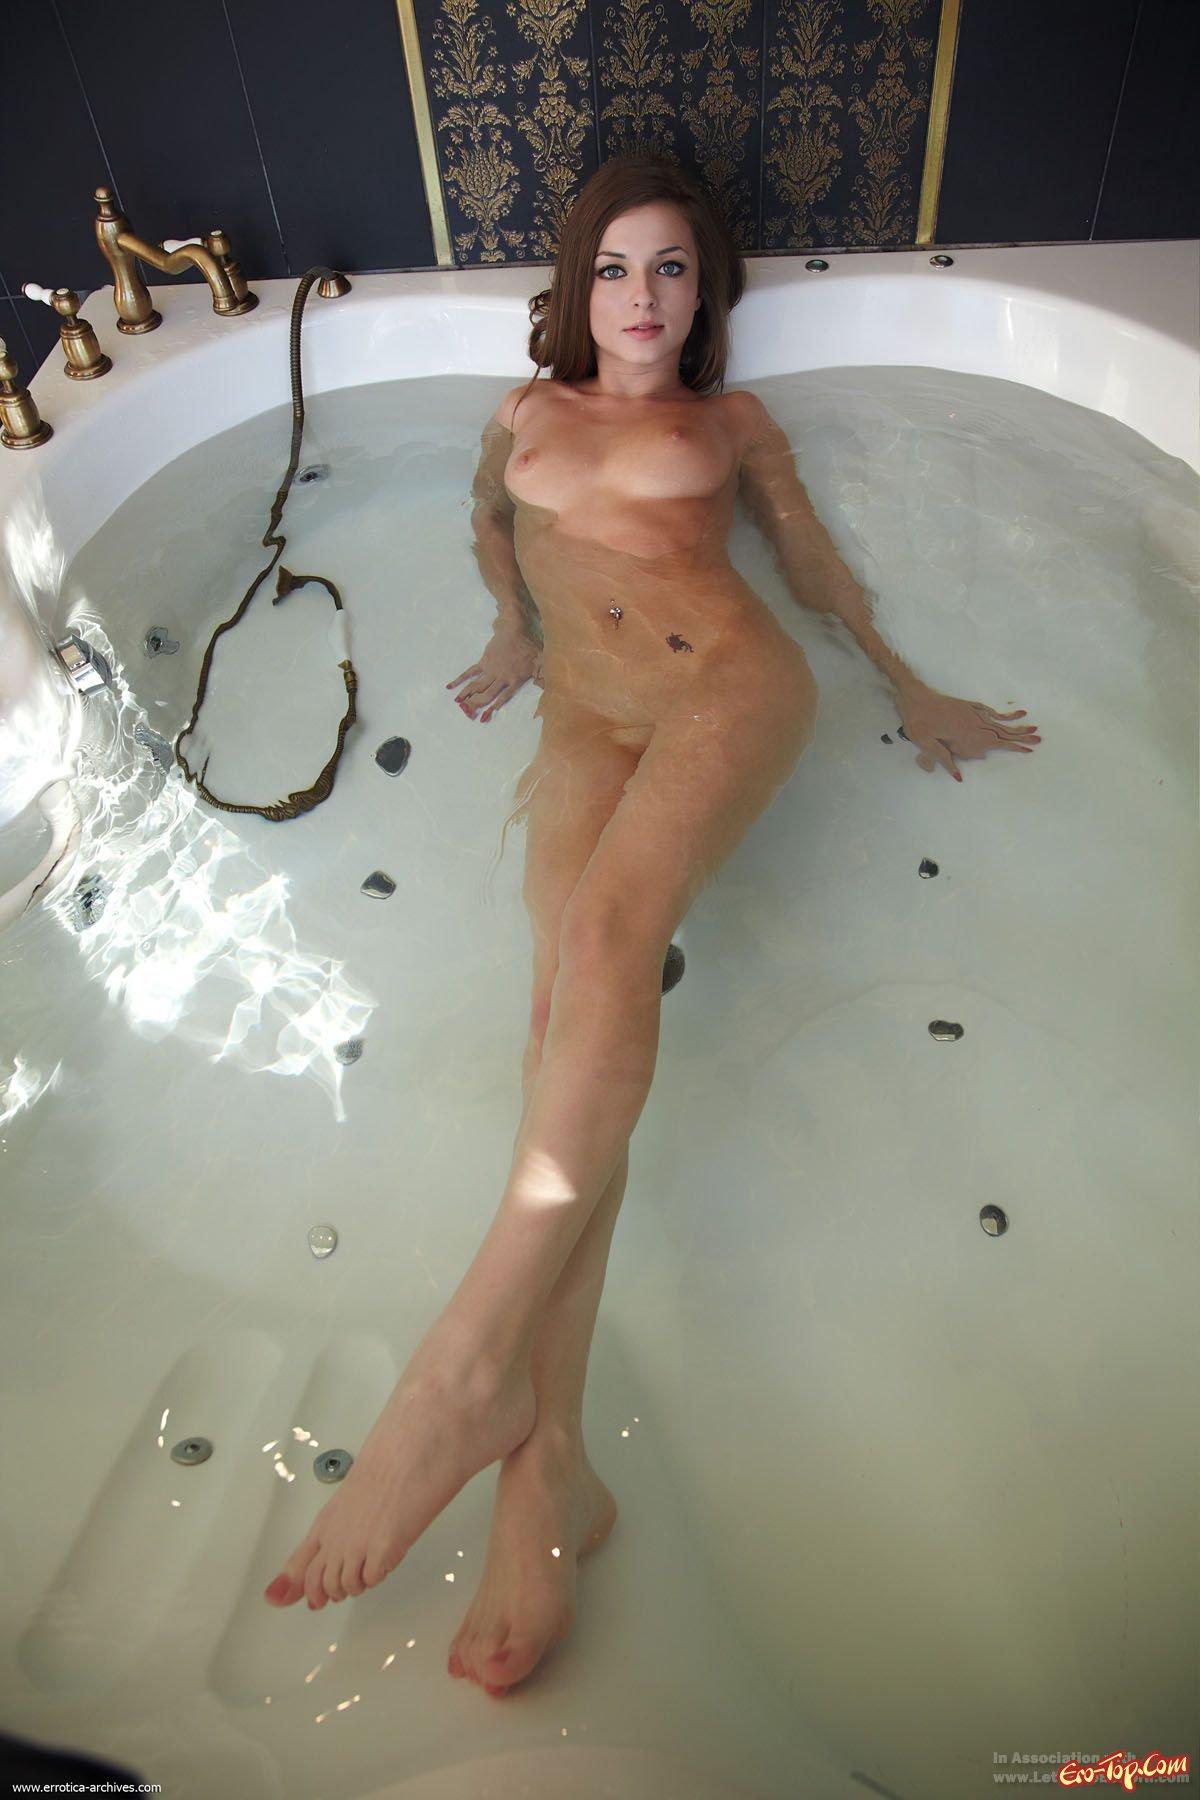 Милашка в ванне